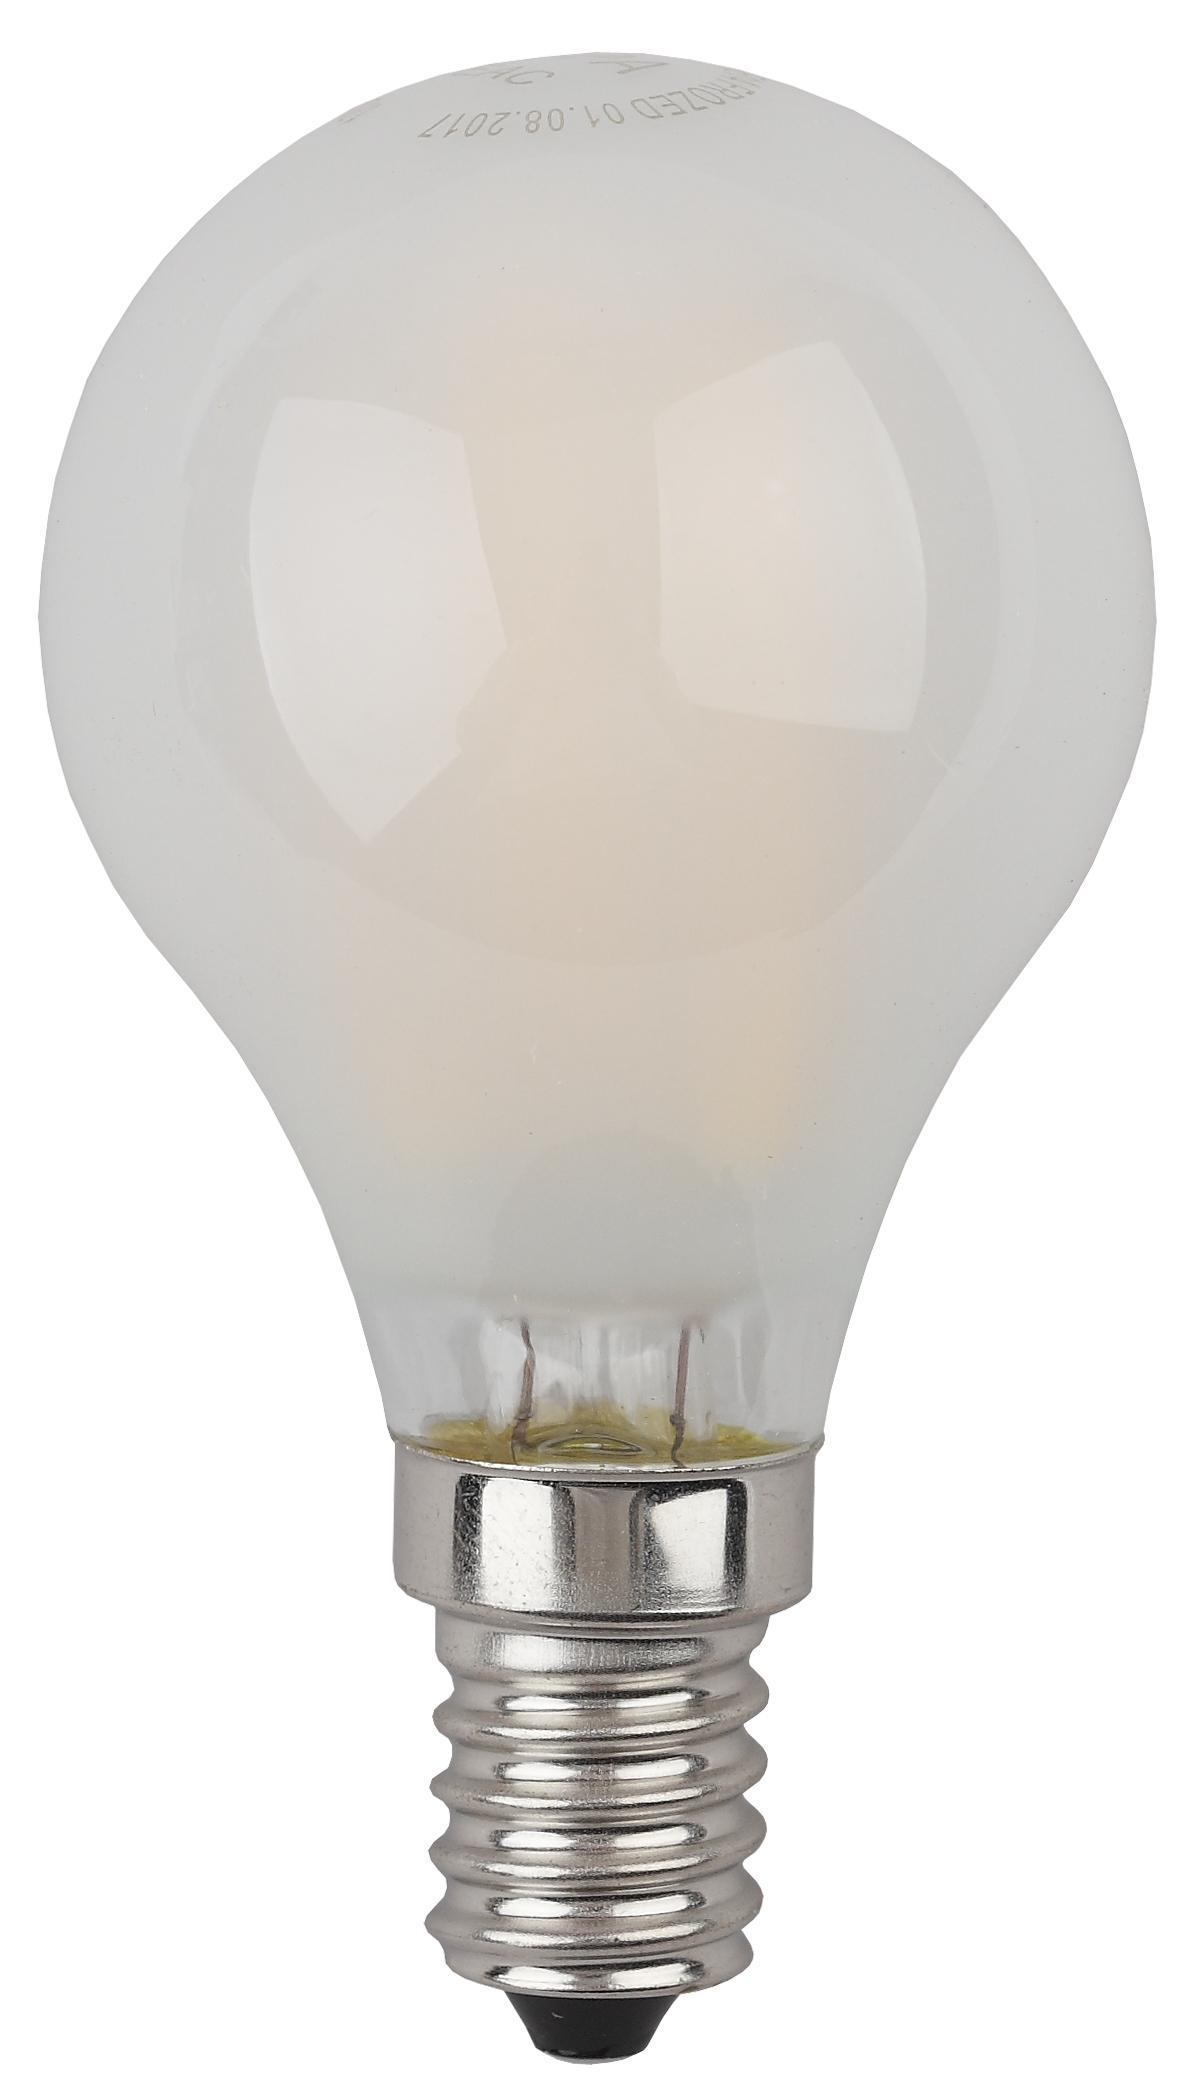 Лампа светодиодная ЭРА F-led p45-7w-840-e14 frozed лампа светодиодная эра led smd bxs 7w 840 e14 clear